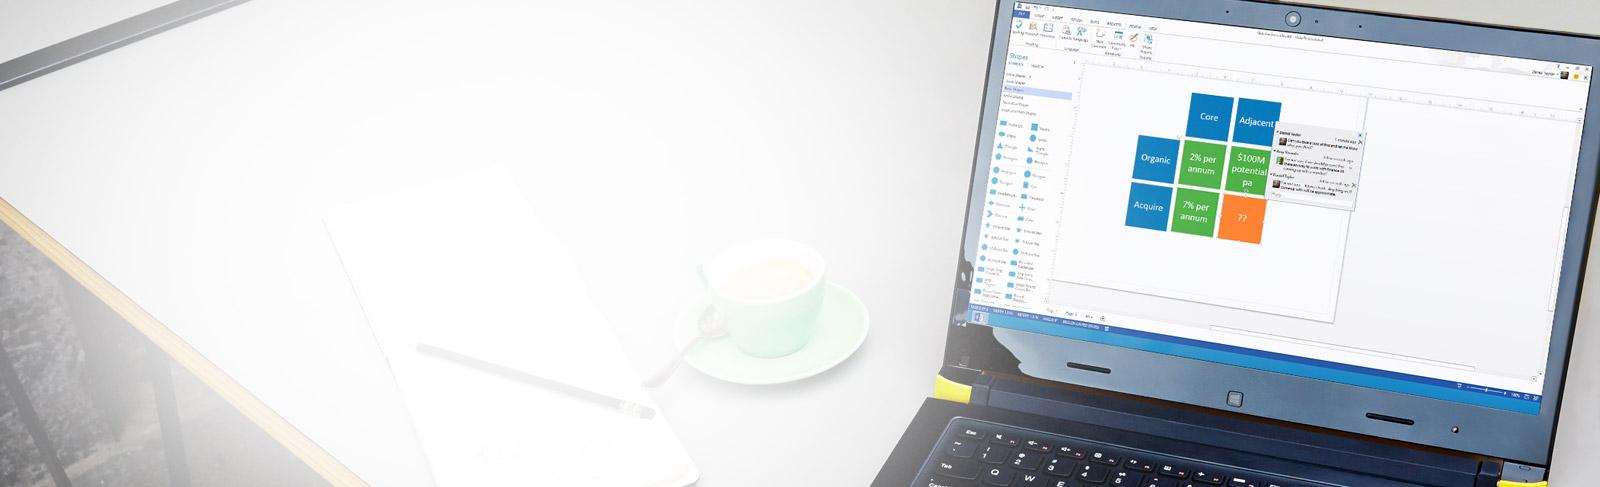 Laptop terbuka, memperlihatkan Visio Standard 2013 sedang digunakan.